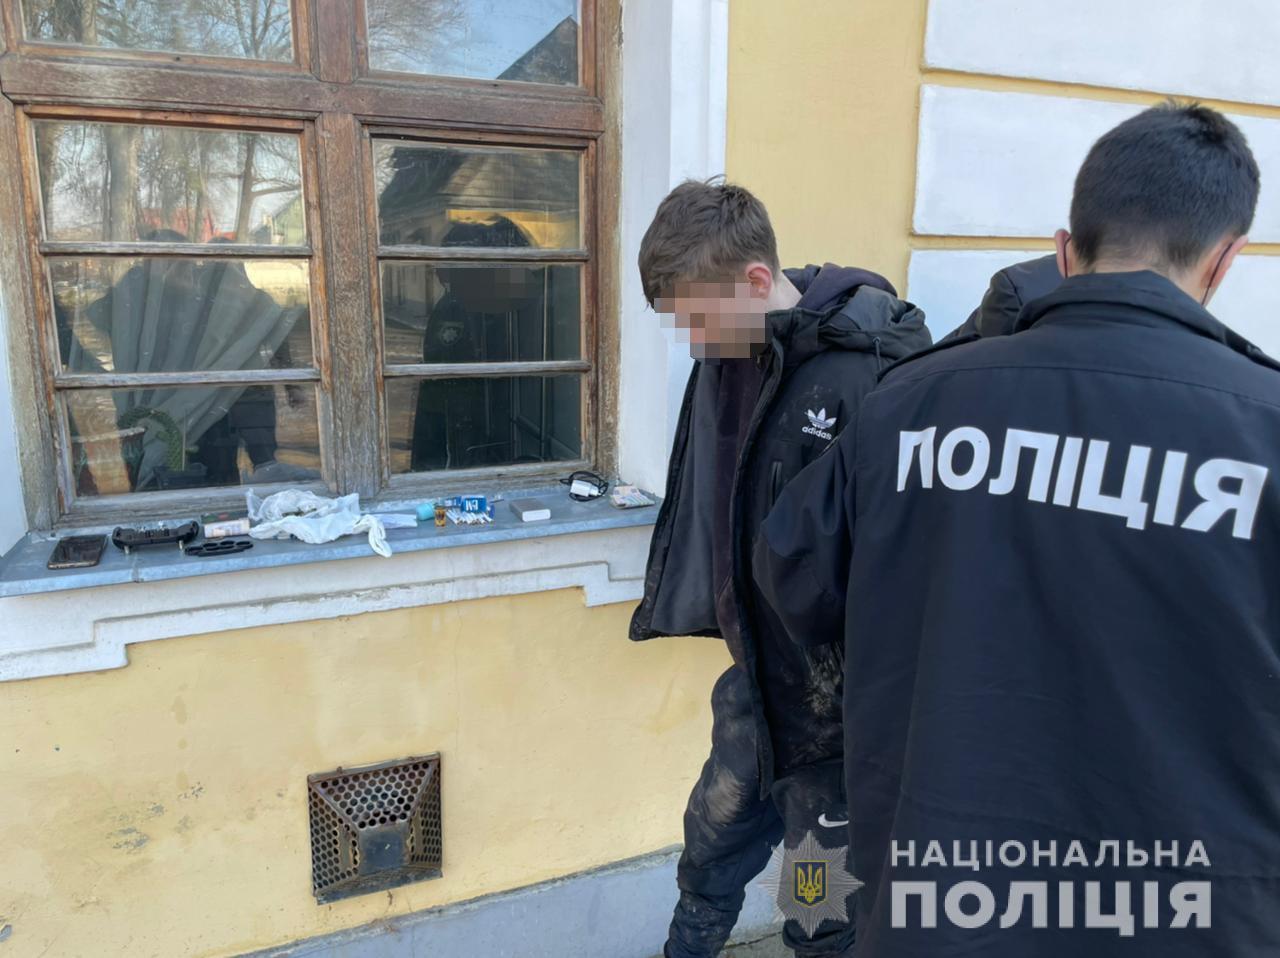 Співробітники поліції після відпрацювання інформації щодо наркозлочину у Виноградові, вийшли на неповнолітнього місцевого жителя.